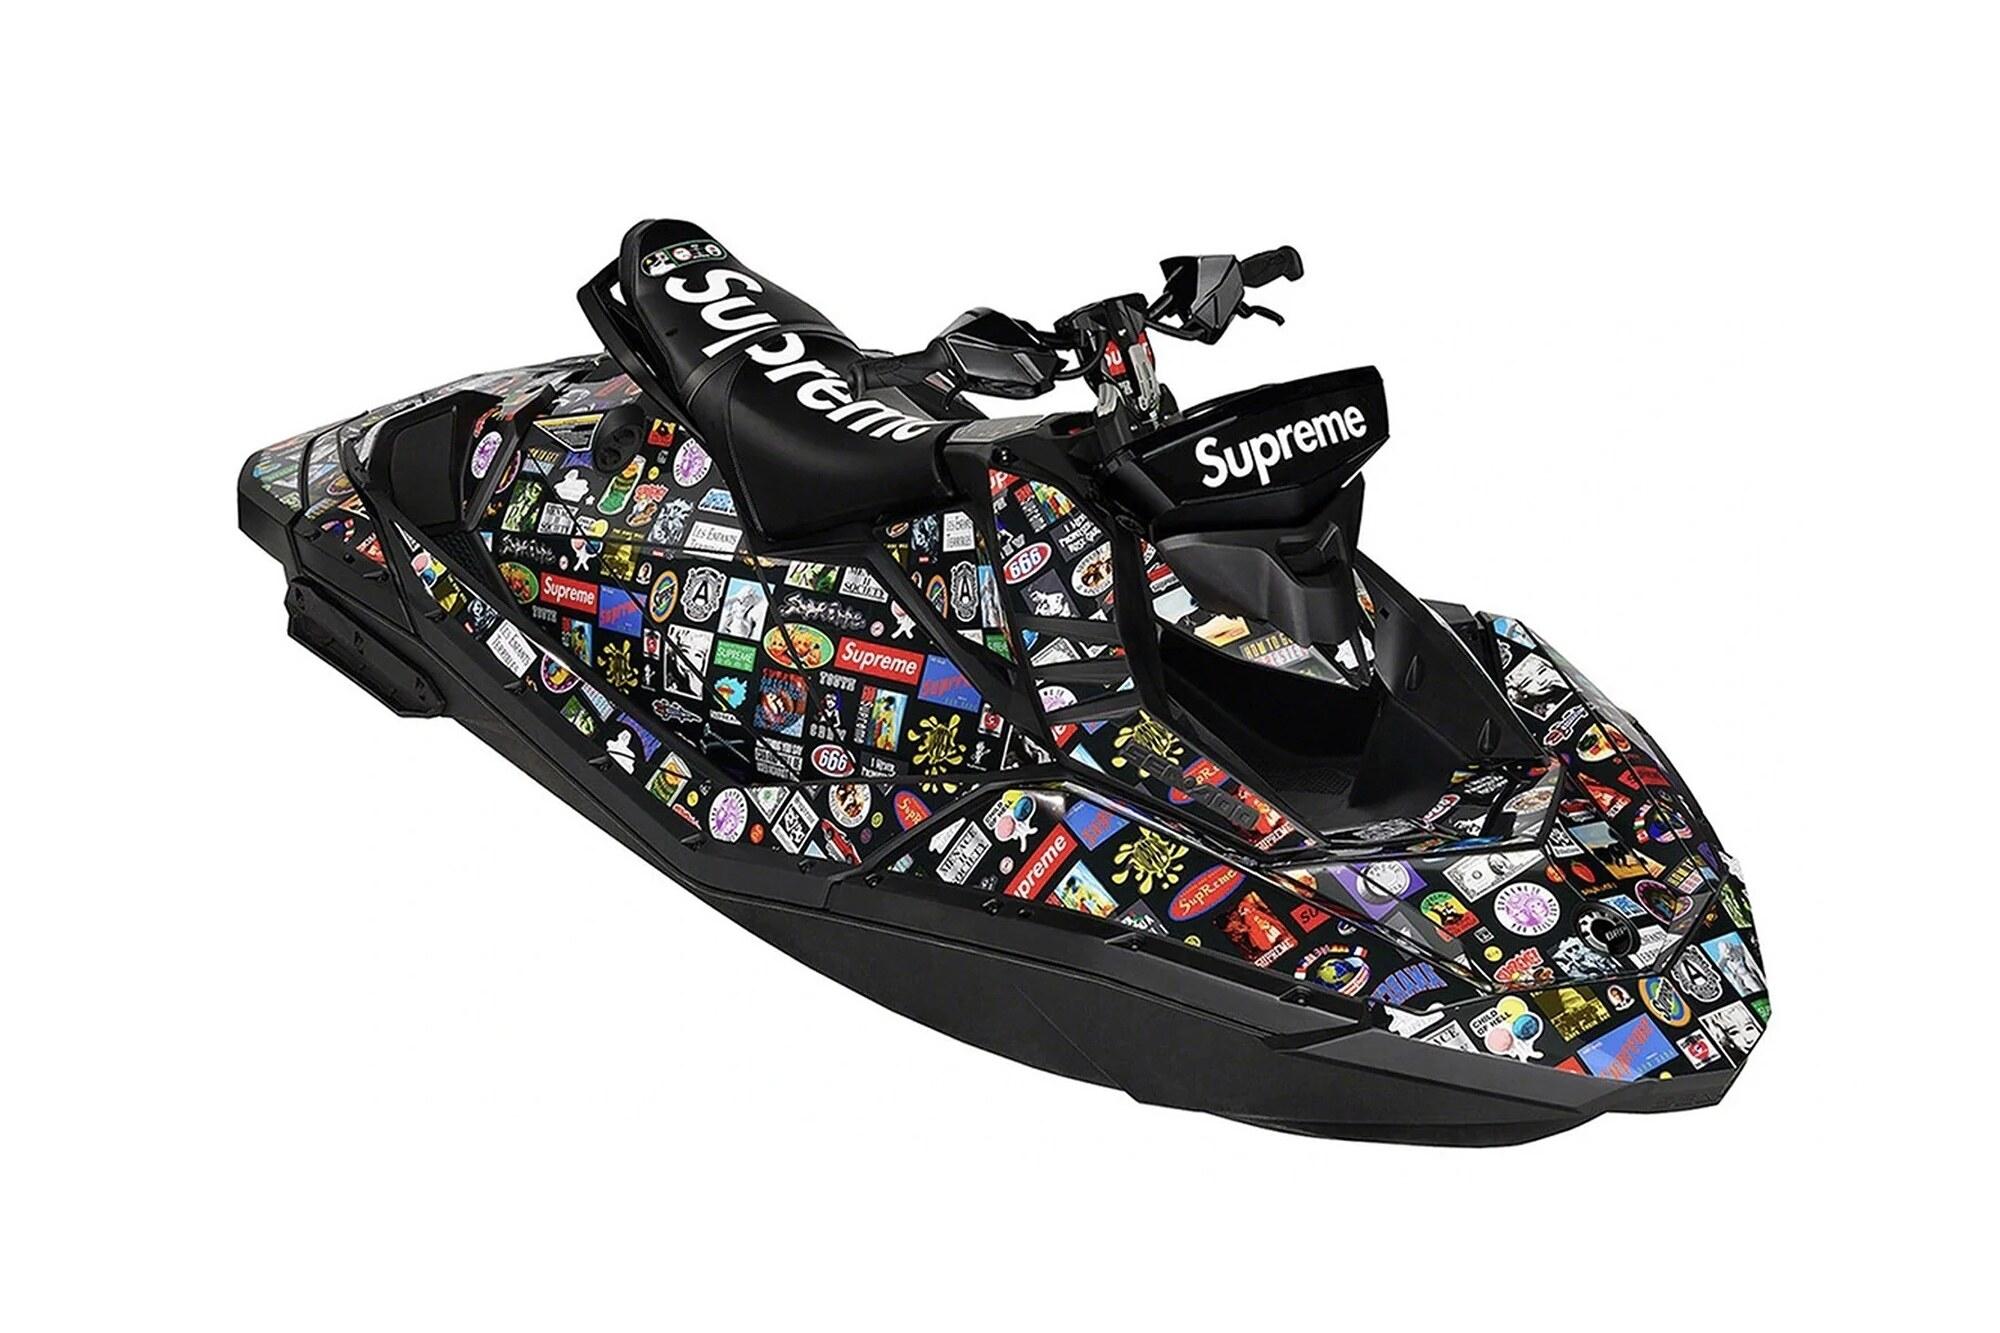 Supreme x Sea Doo